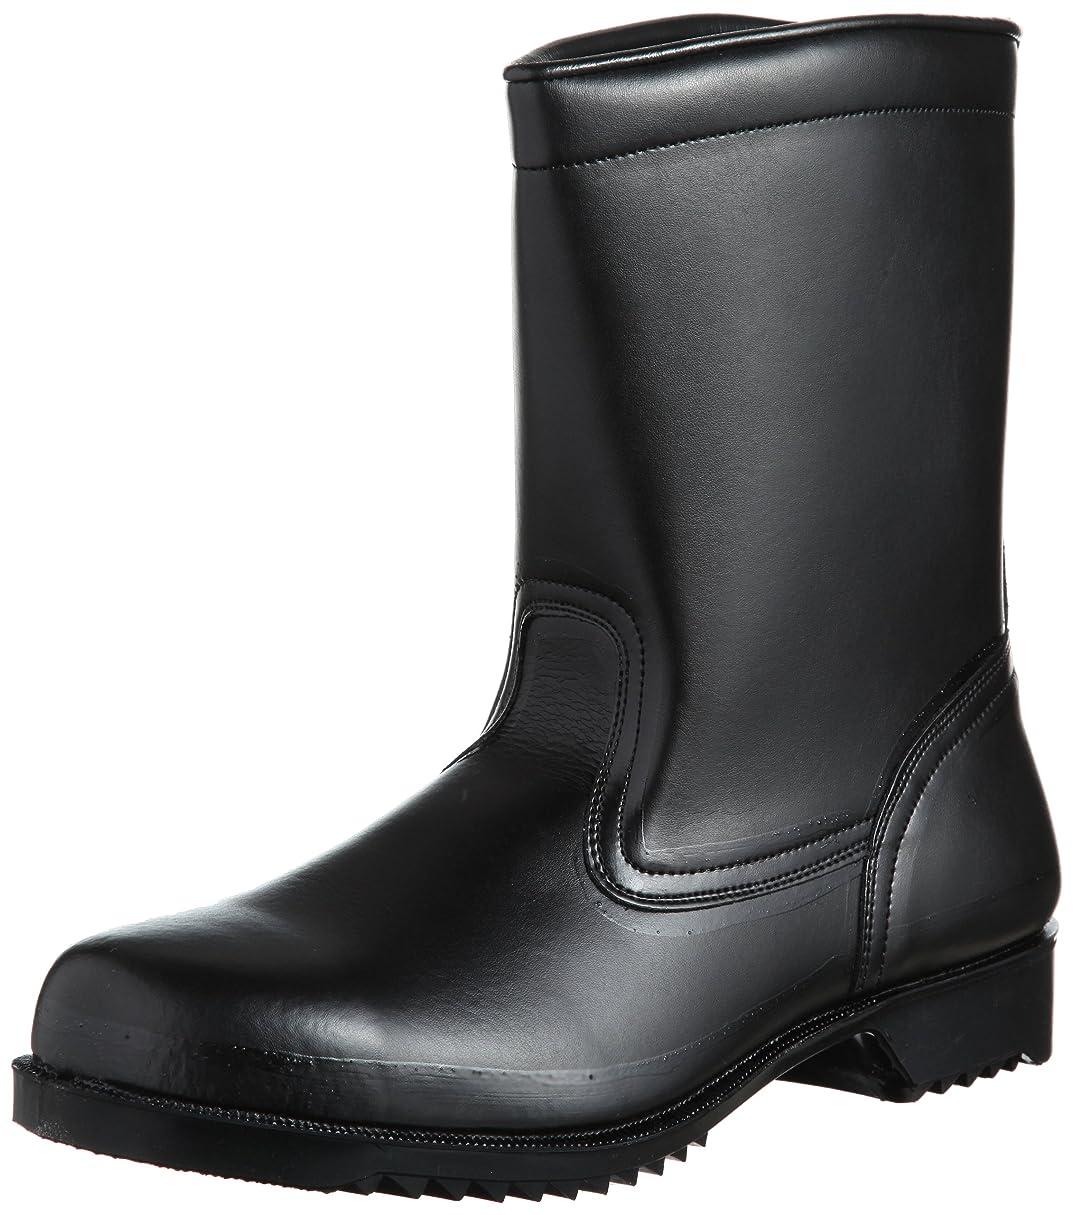 アプライアンス人柄枝安全靴 JIS規格 耐油 耐薬 耐滑ゴム底 半長靴 V2400NT 耐滑 メンズ